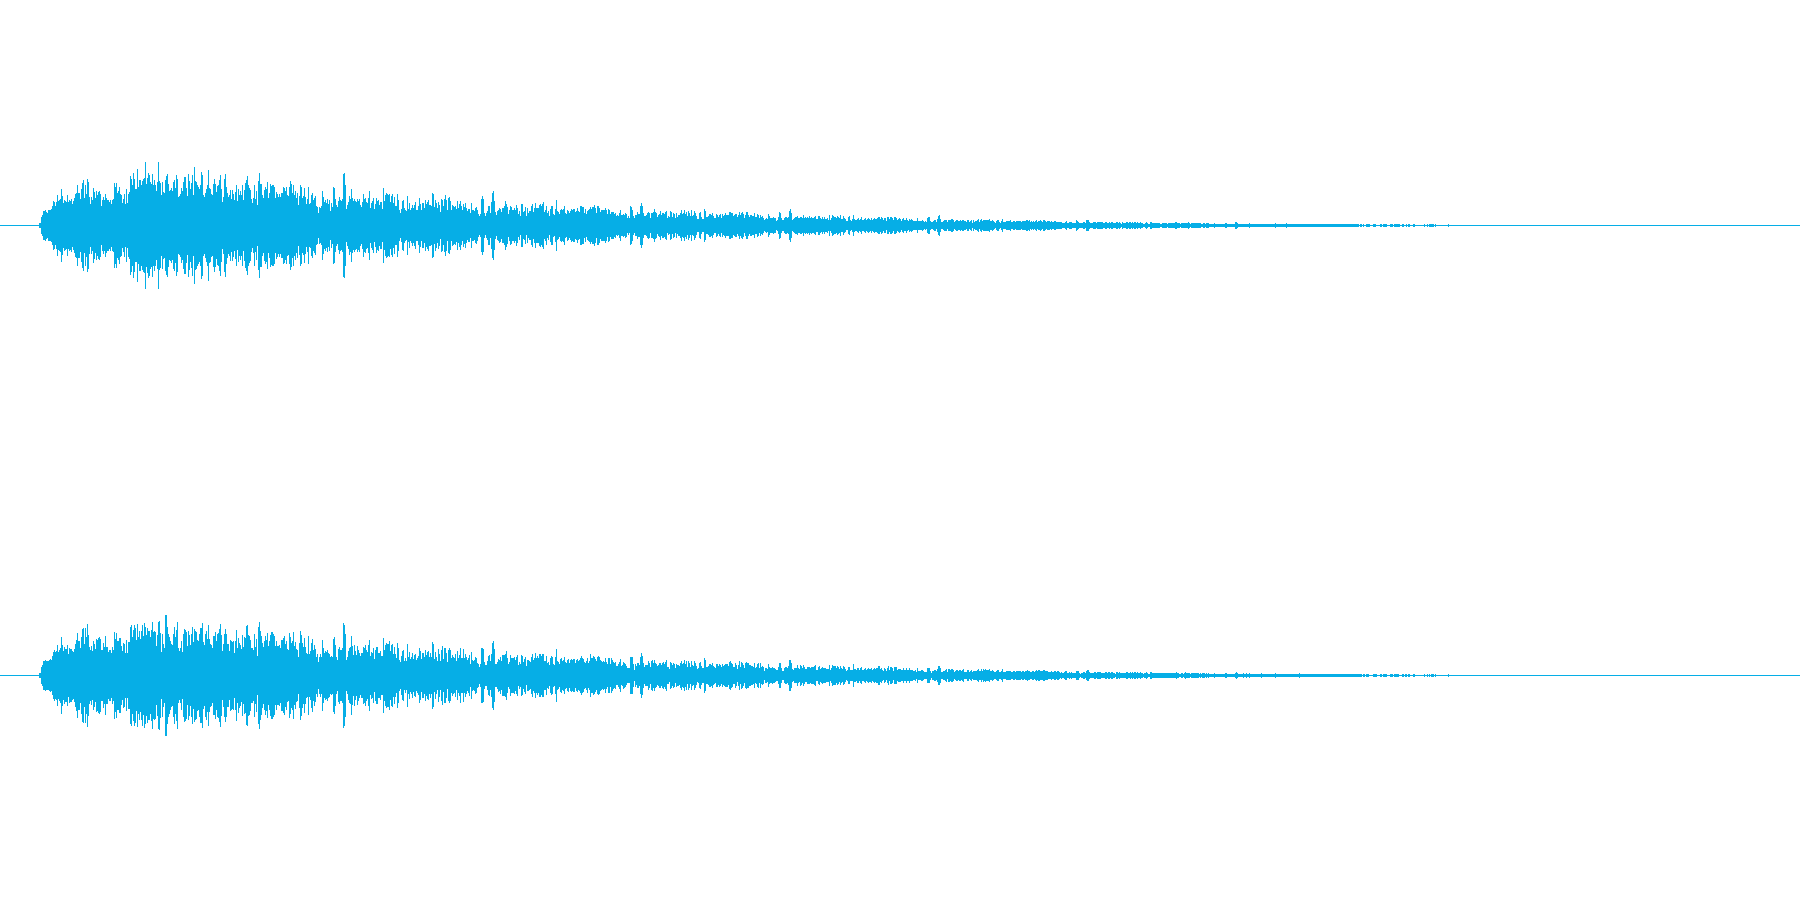 【アクセント30-2】の再生済みの波形